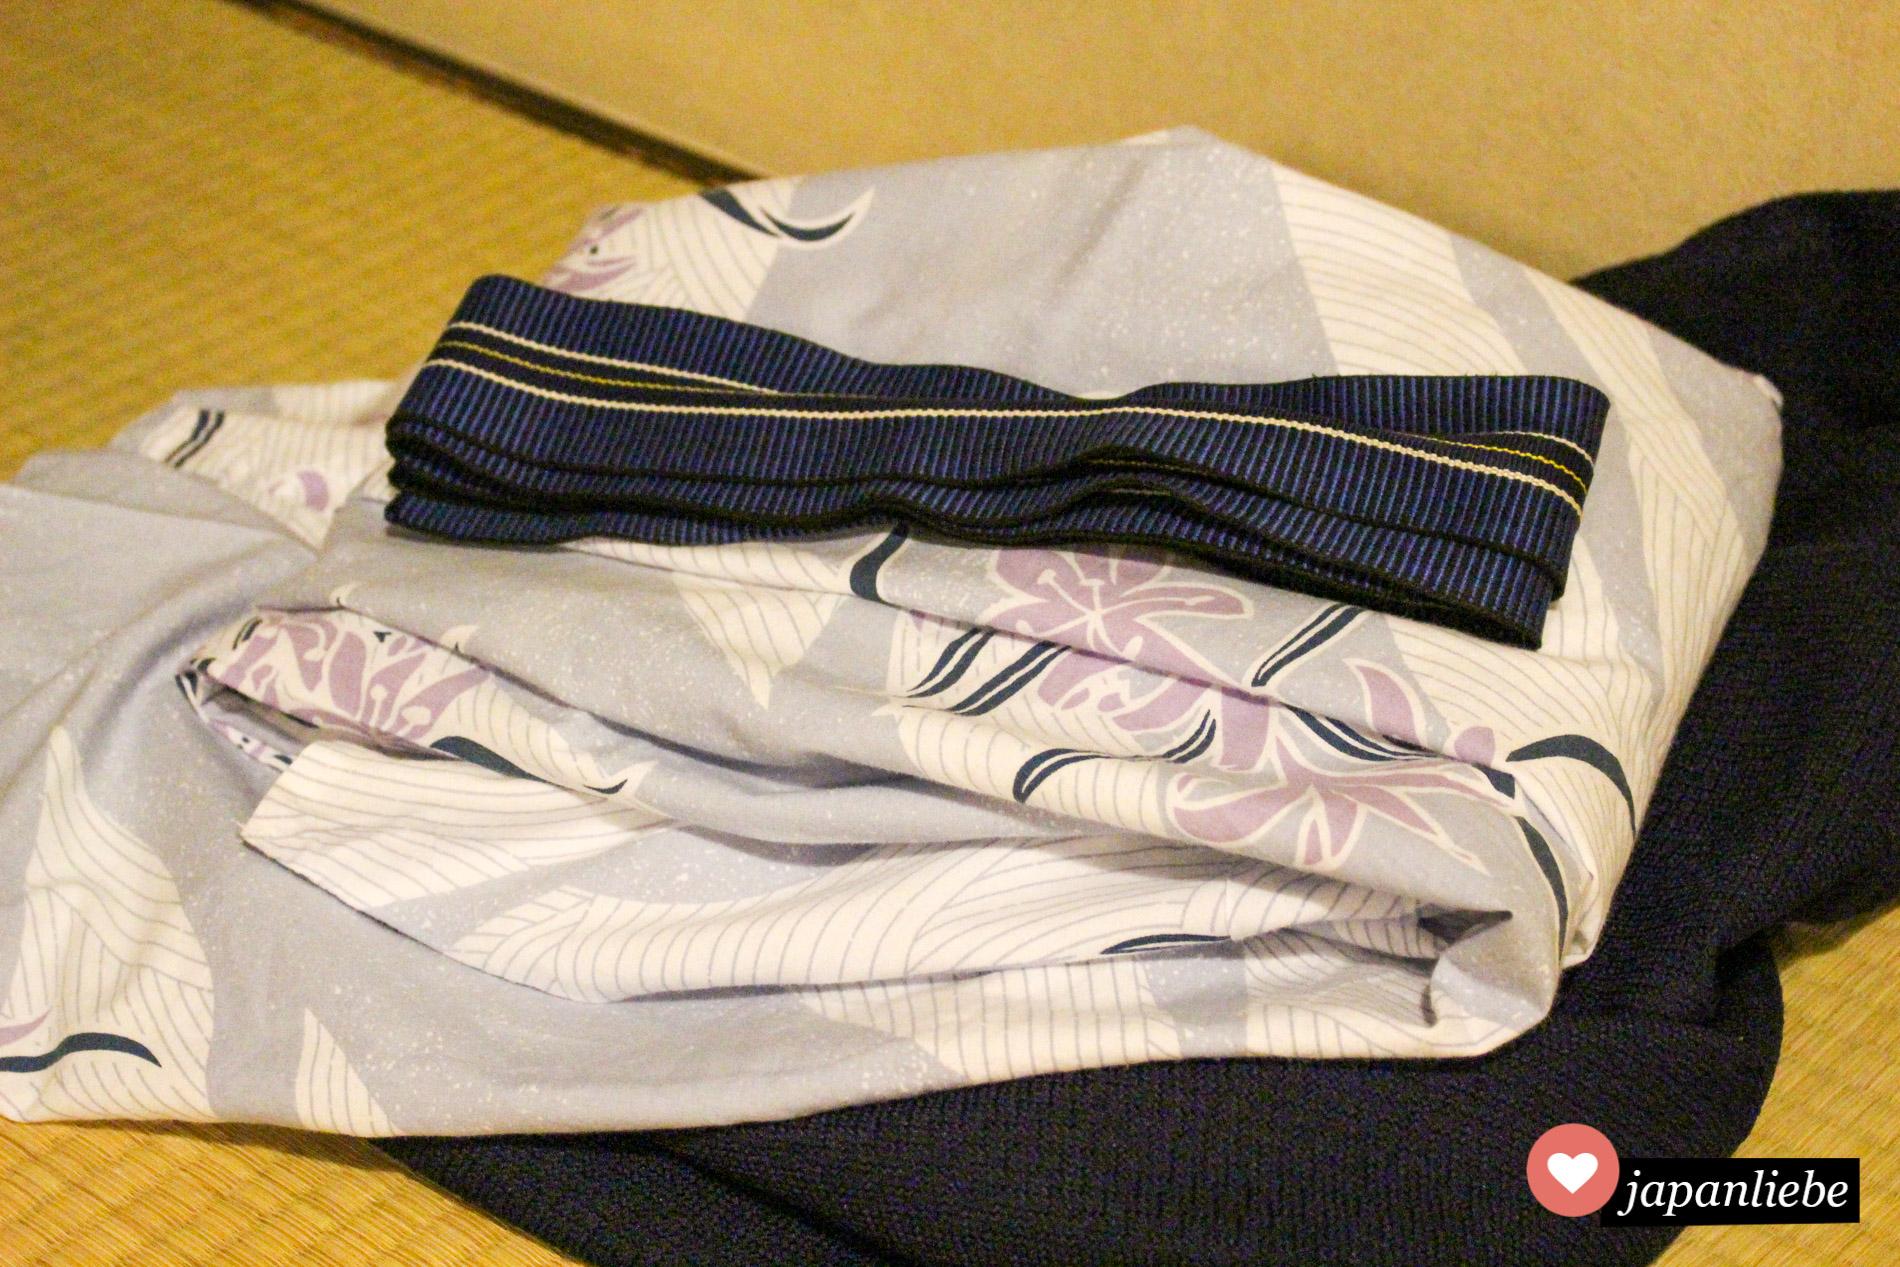 Im ryokan angekommen, erwartet einen ein traditioneller yukata Baumwoll-Kimono, den man den ganzen Aufenthalt über trägt.